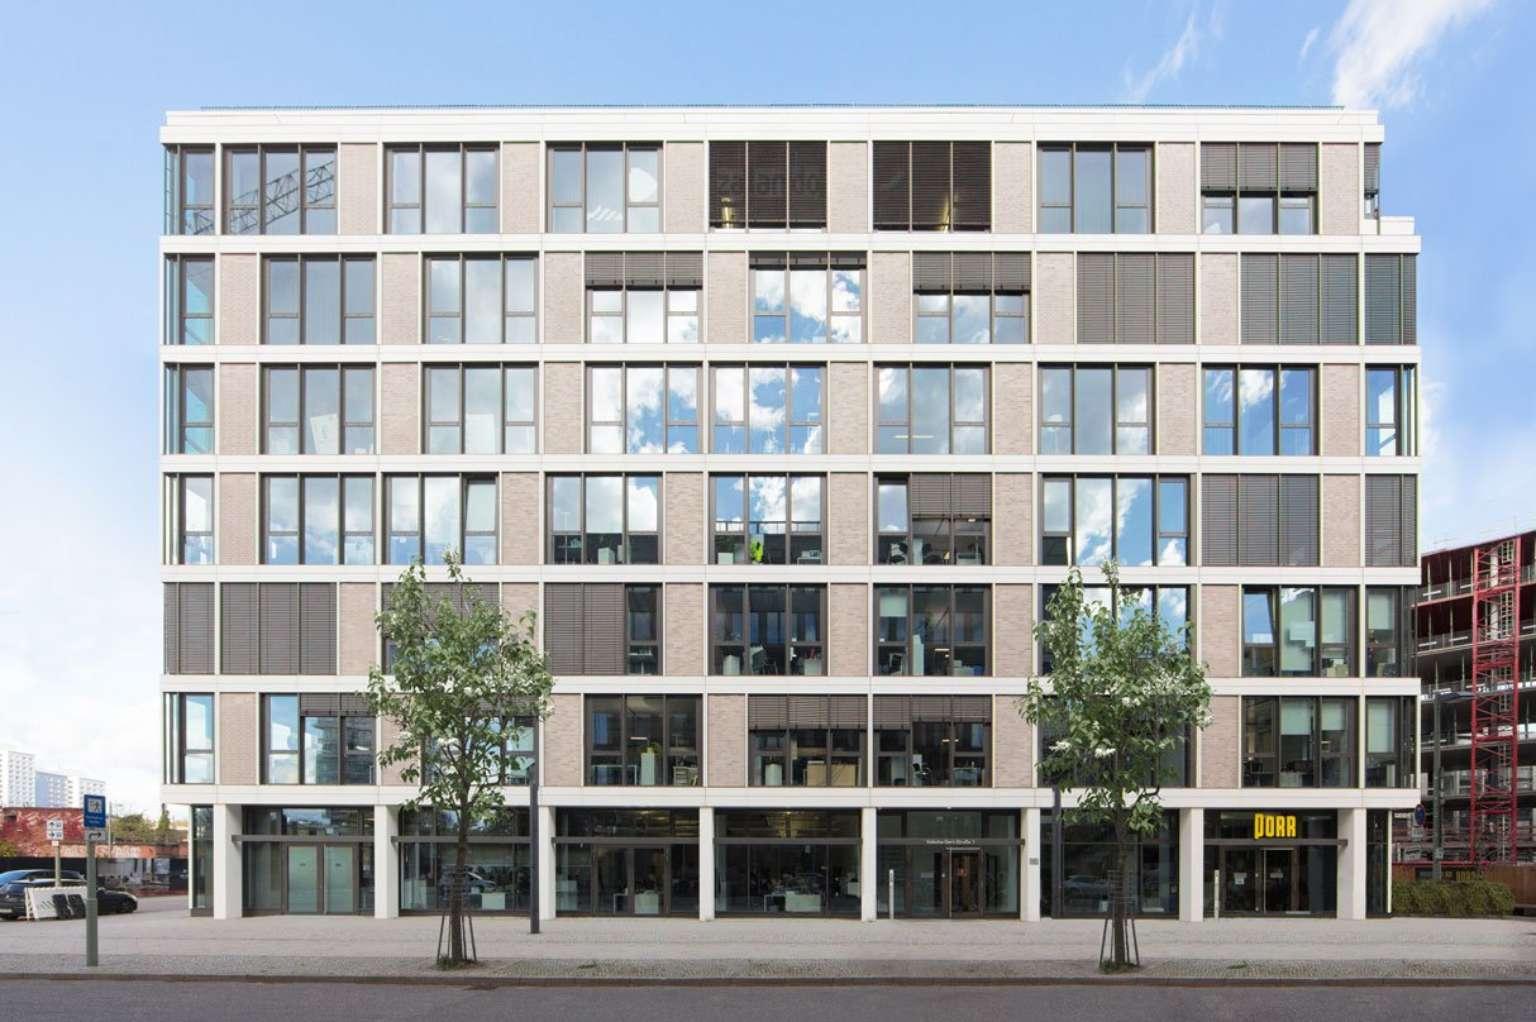 Immobilienfotografie Berlin – Geschaeftshaus